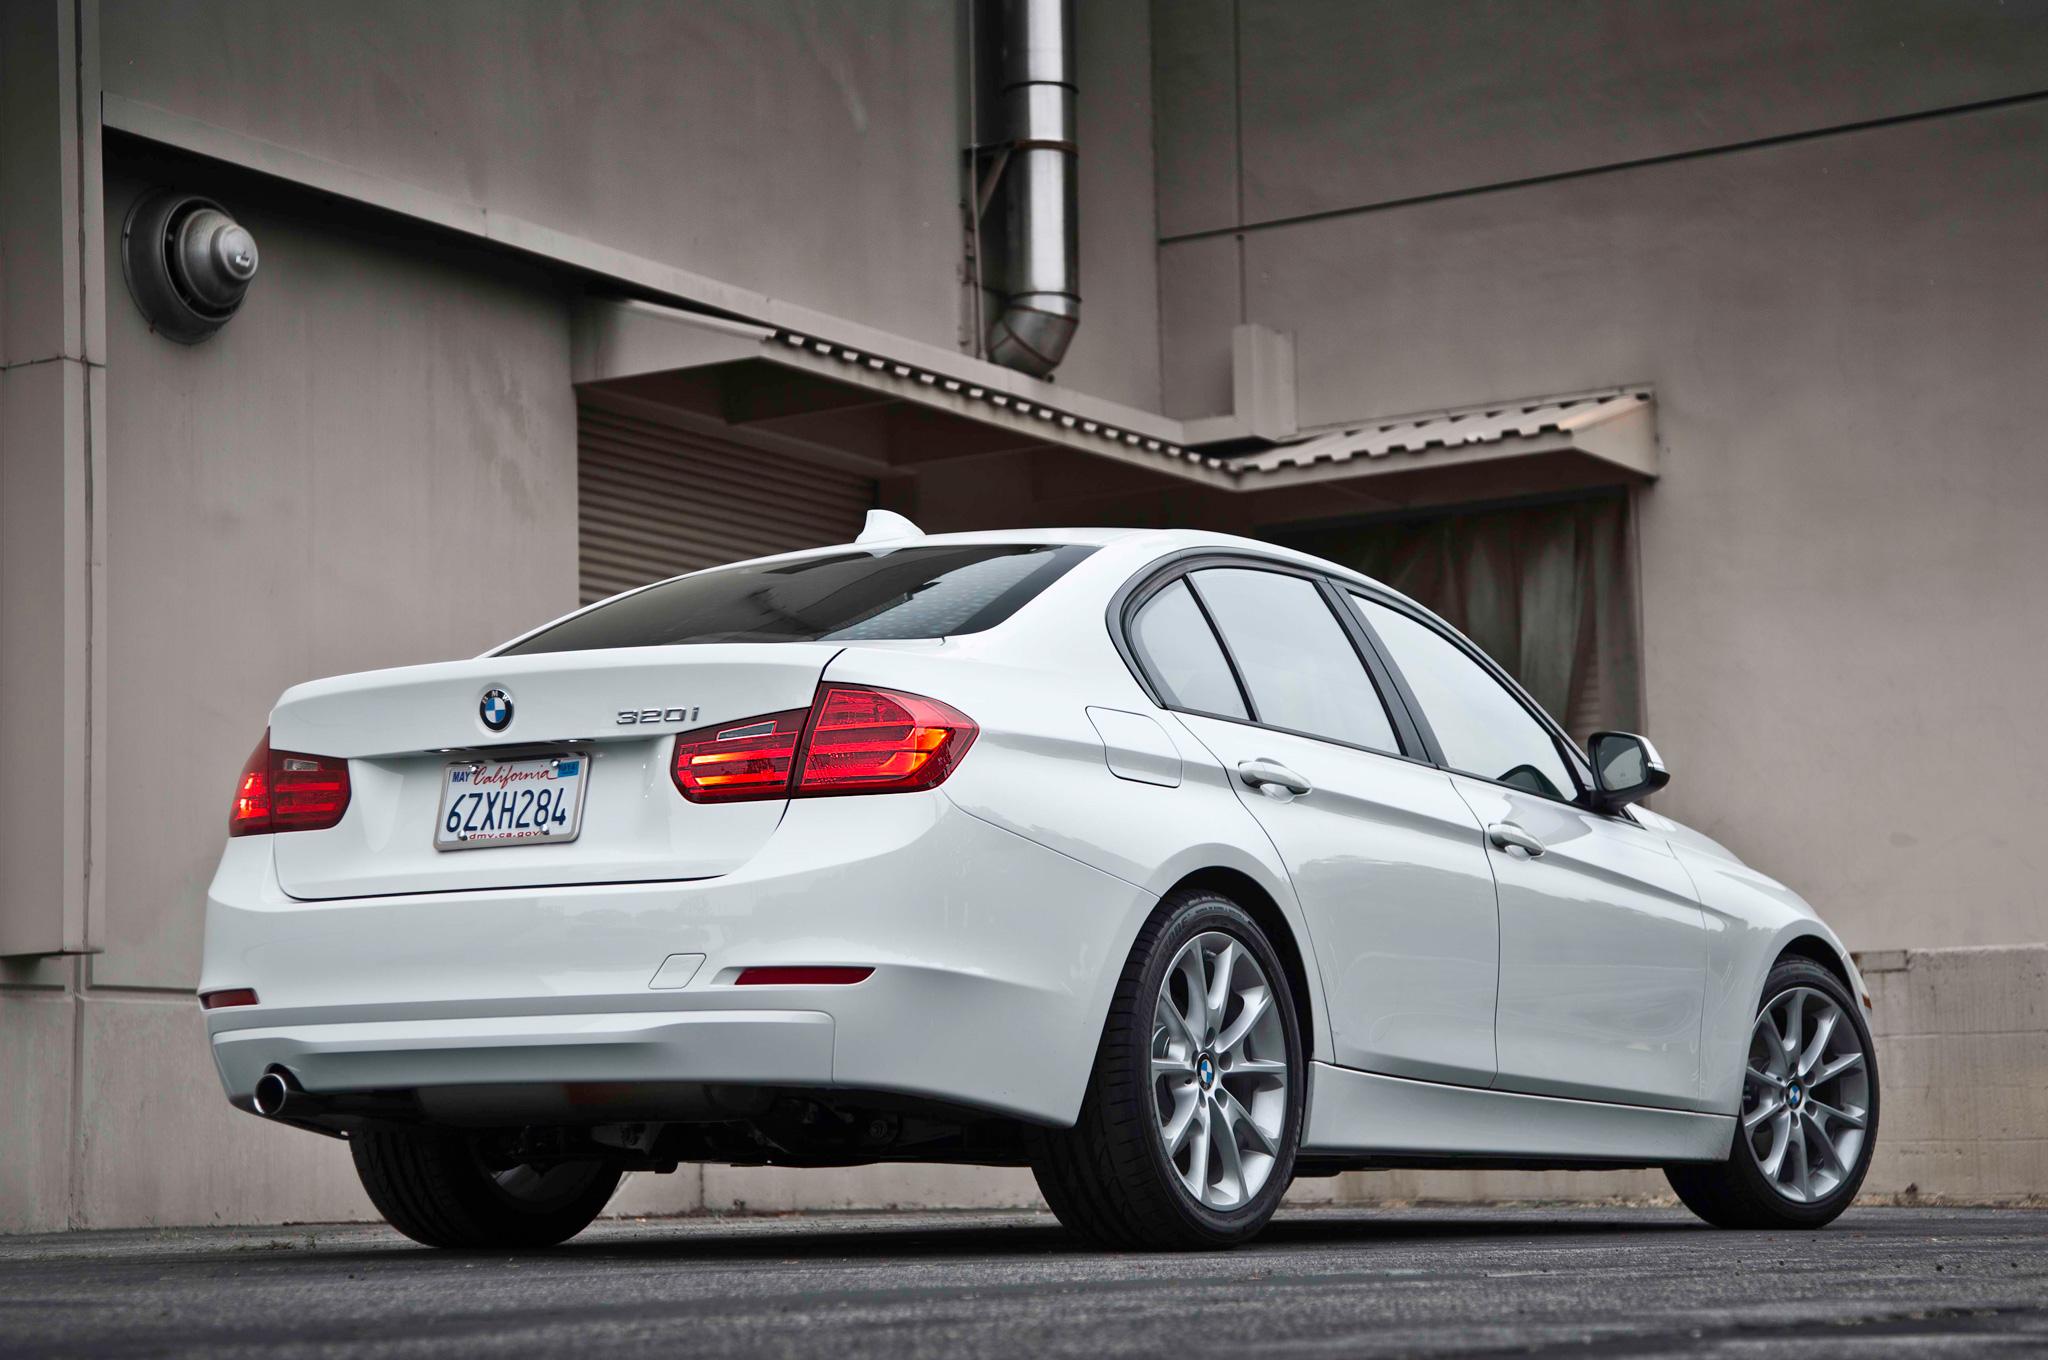 BMW F I Test Drive By MotorTrend Autoevolution - Bmw 320i 2013 price